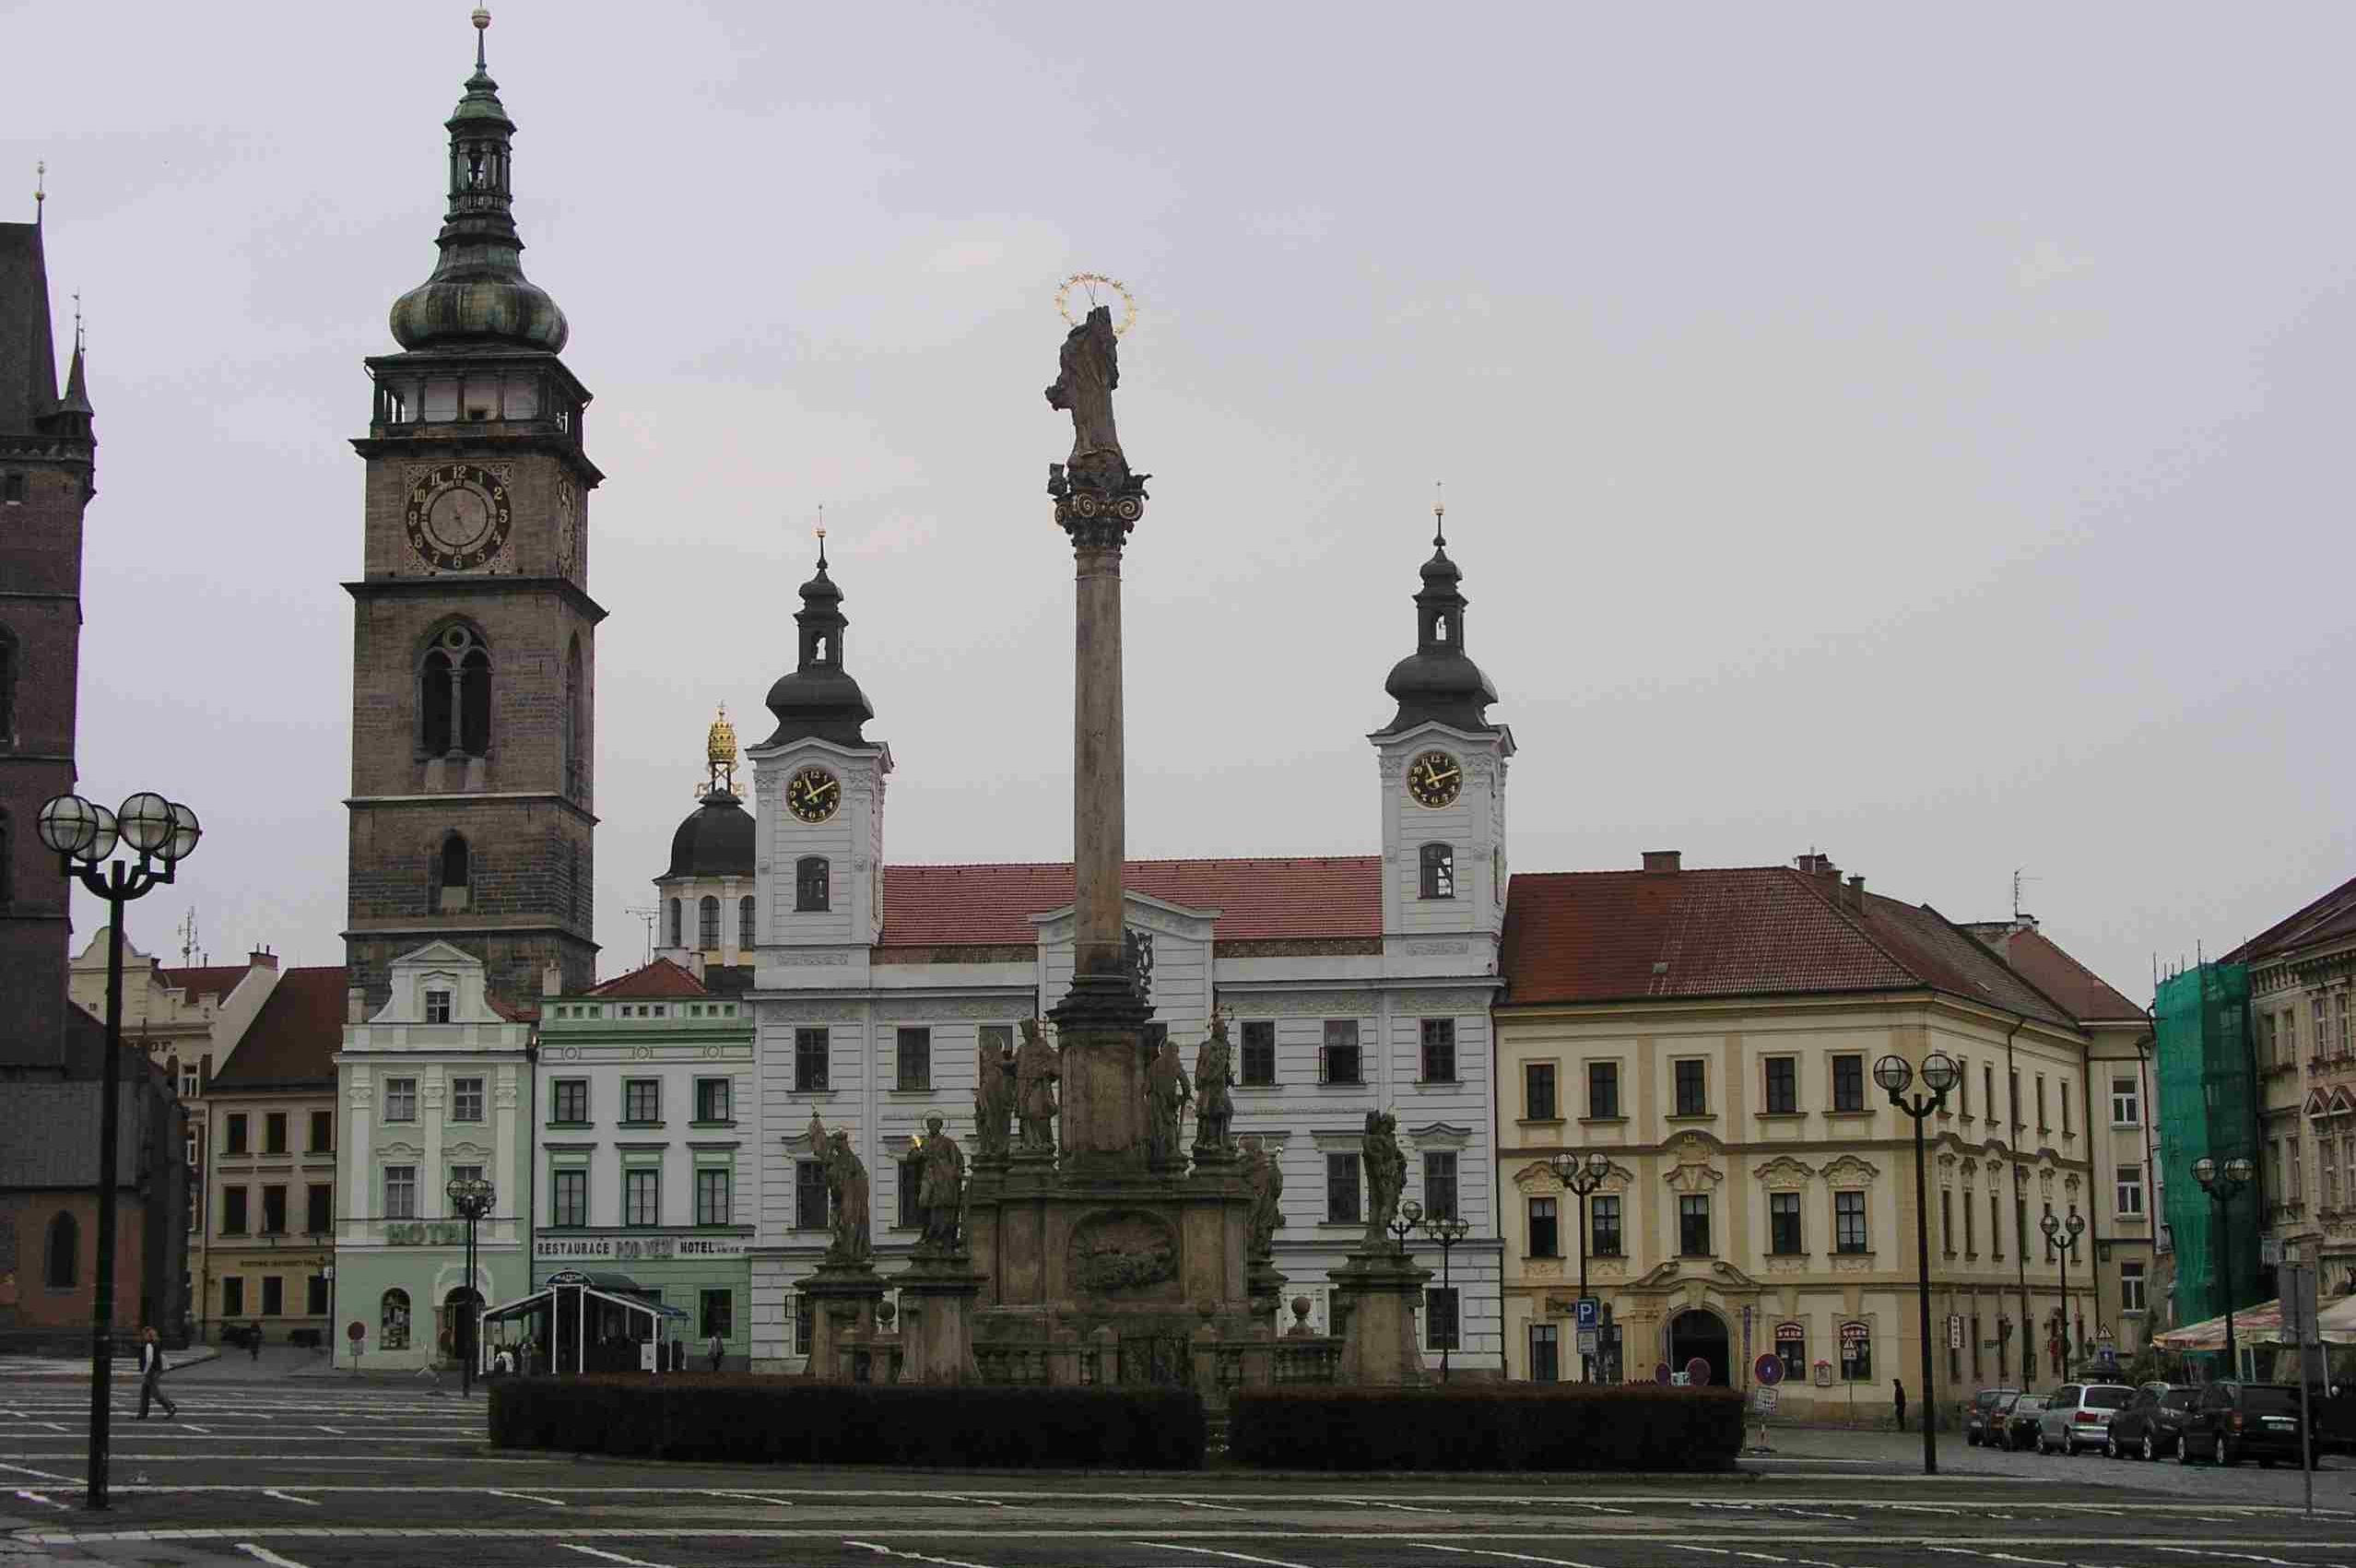 Historická budova Radnice na Velkém náměstí prochází opravou oken